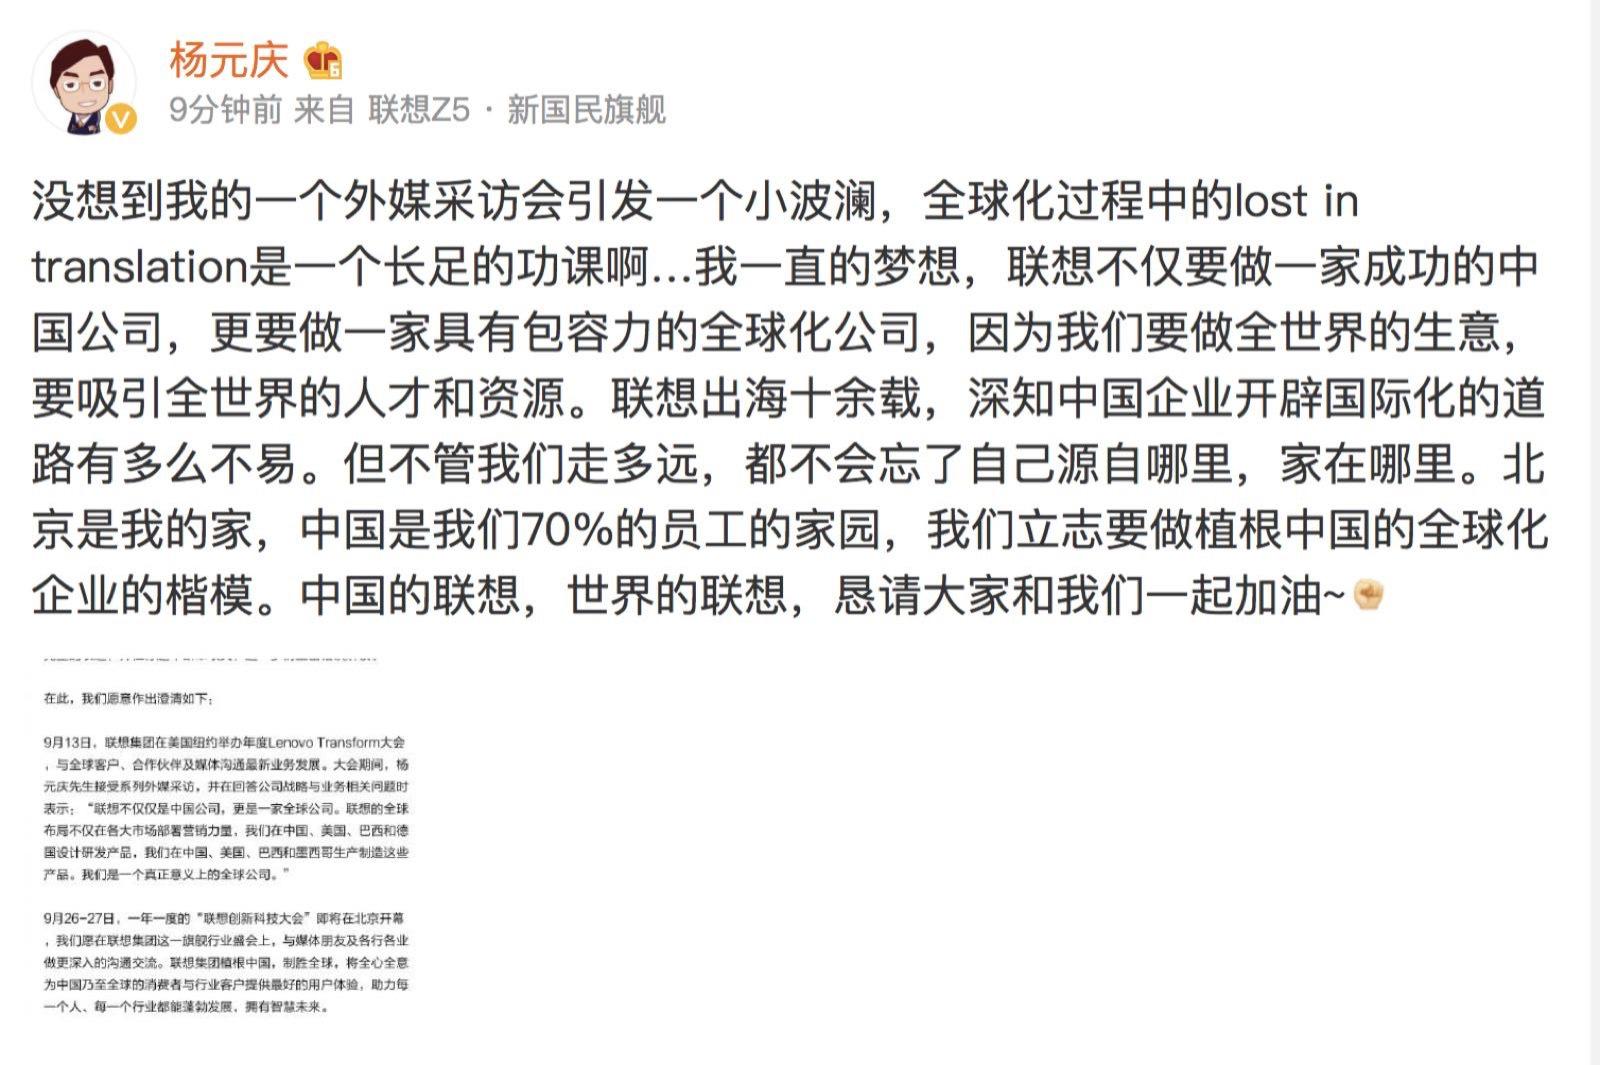 华为痛失韩国5G大订单 Uber要摆脱对谷歌交通数据的依赖